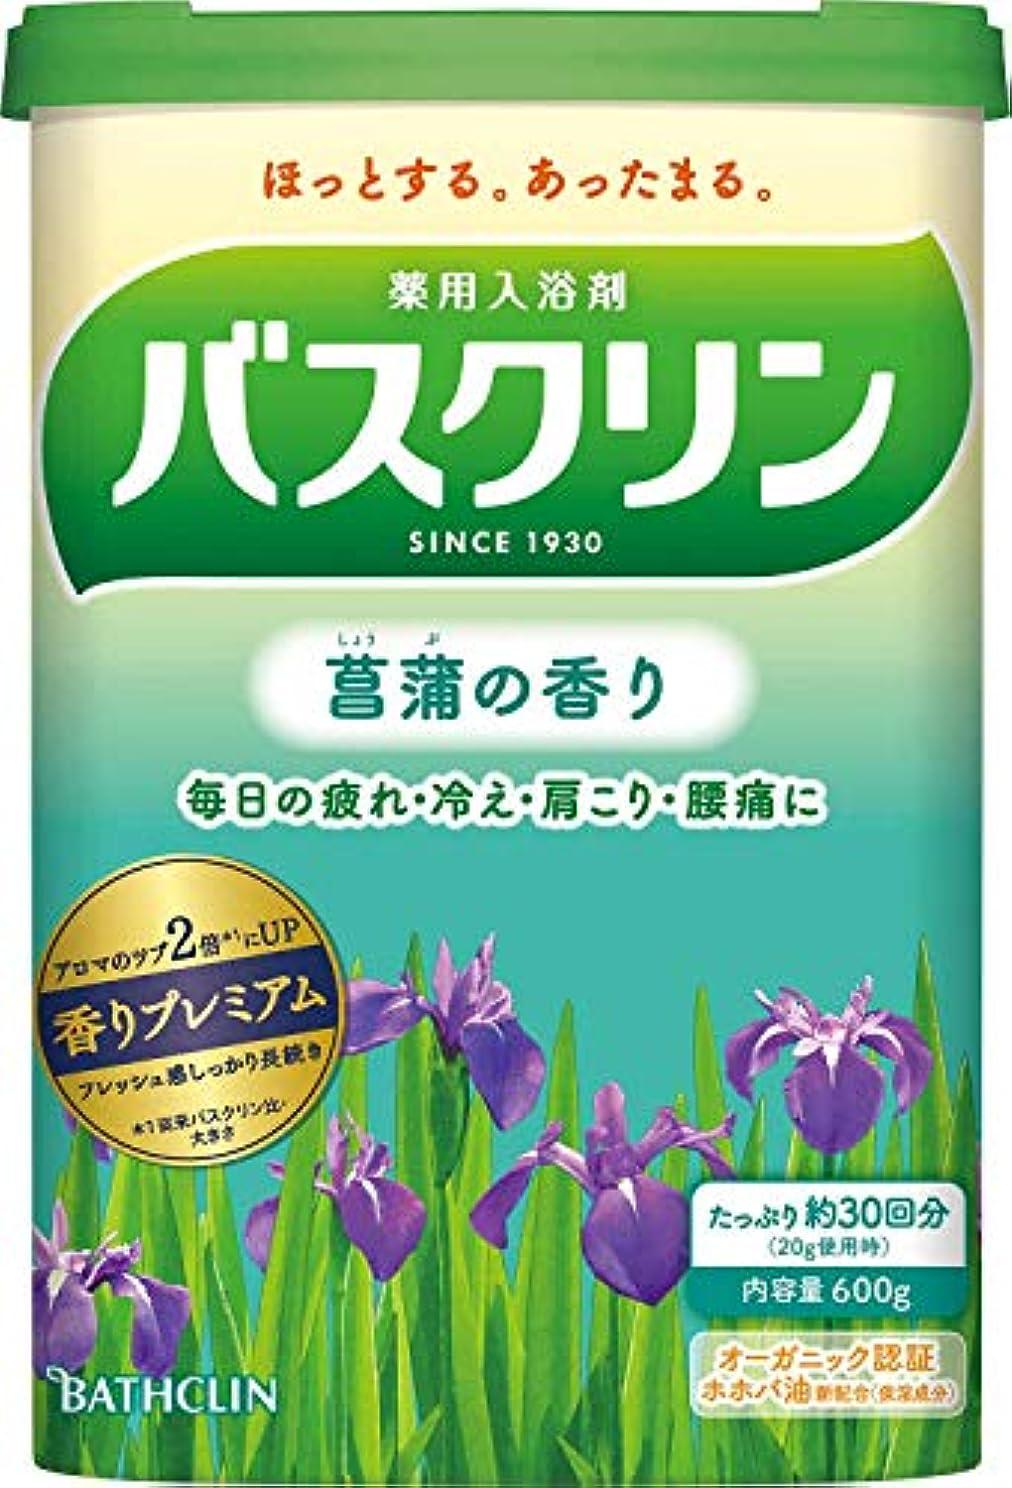 ギャンブル船員傷つきやすい【医薬部外品】バスクリン入浴剤 菖蒲の香り600g(約30回分) 疲労回復